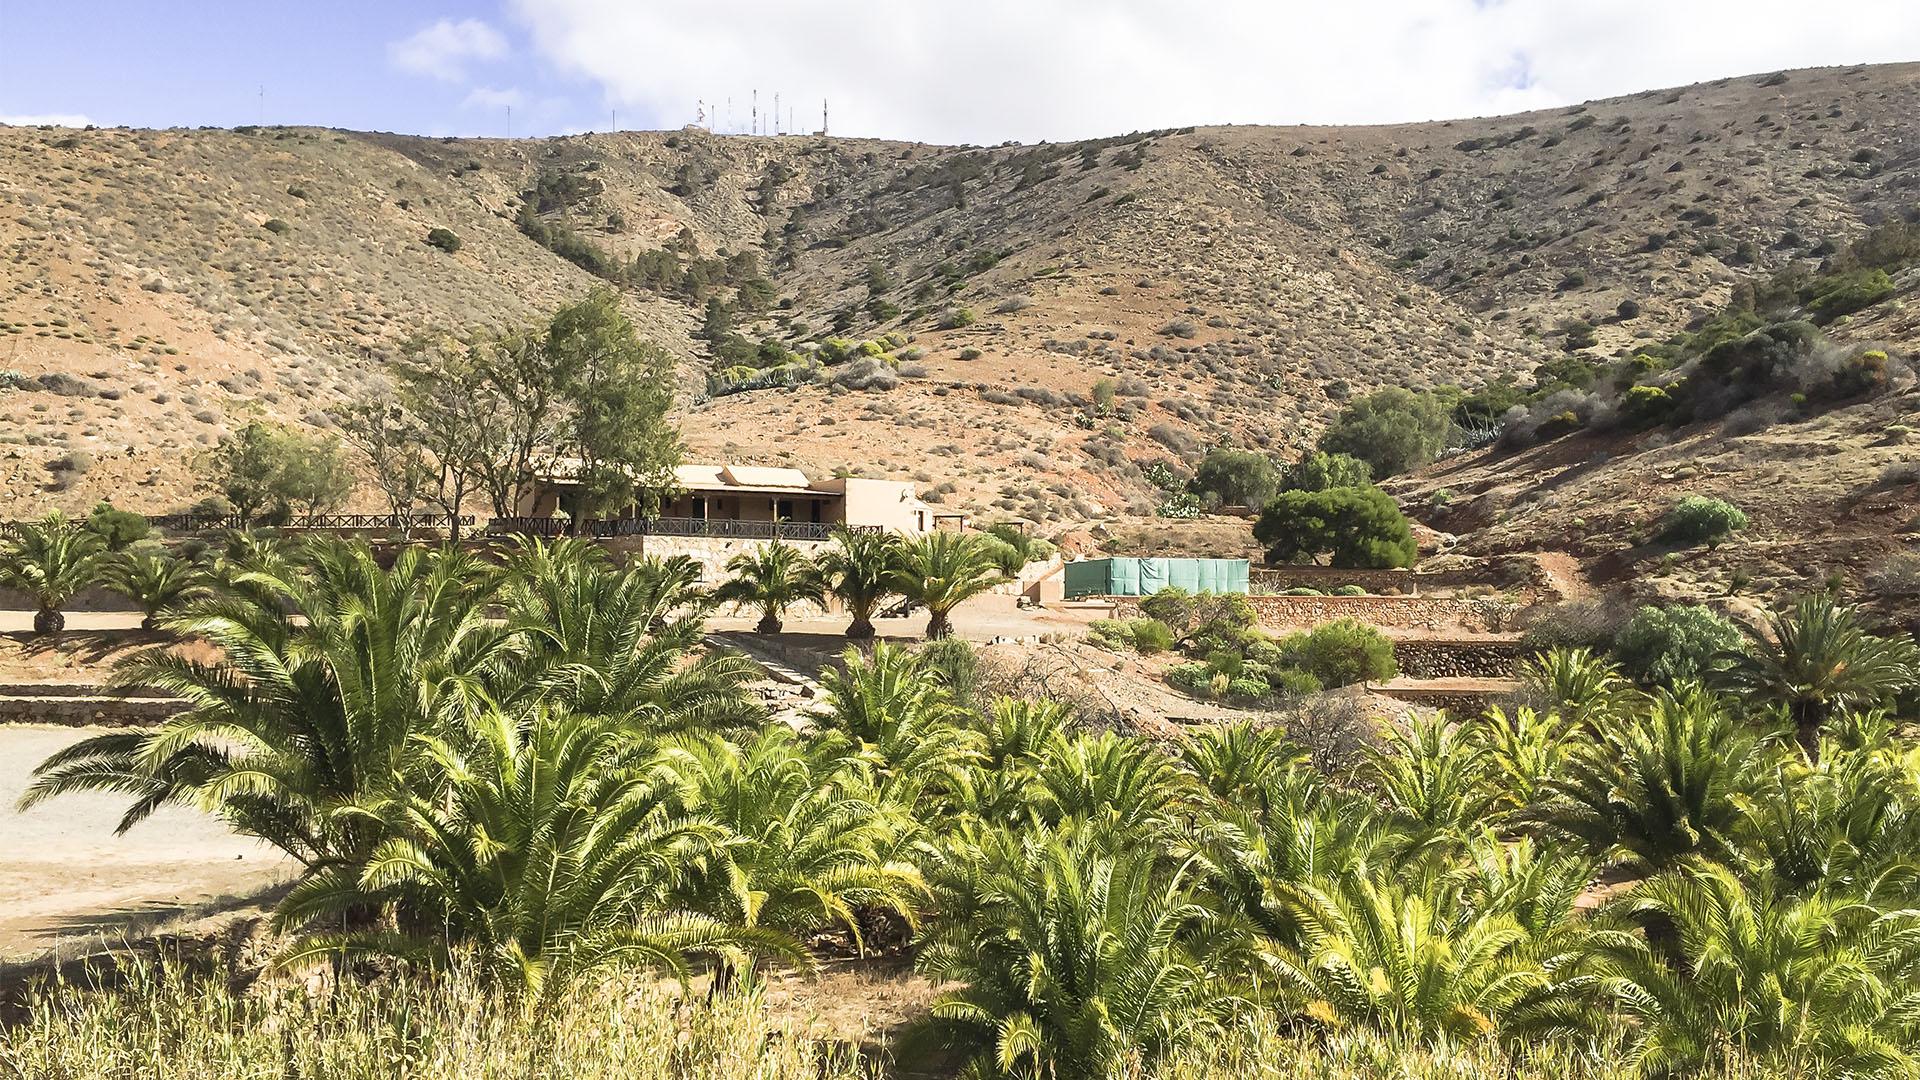 Wandern + Trekking auf Fuerteventura: Parra Medina einsam mit tollem Ausblick.